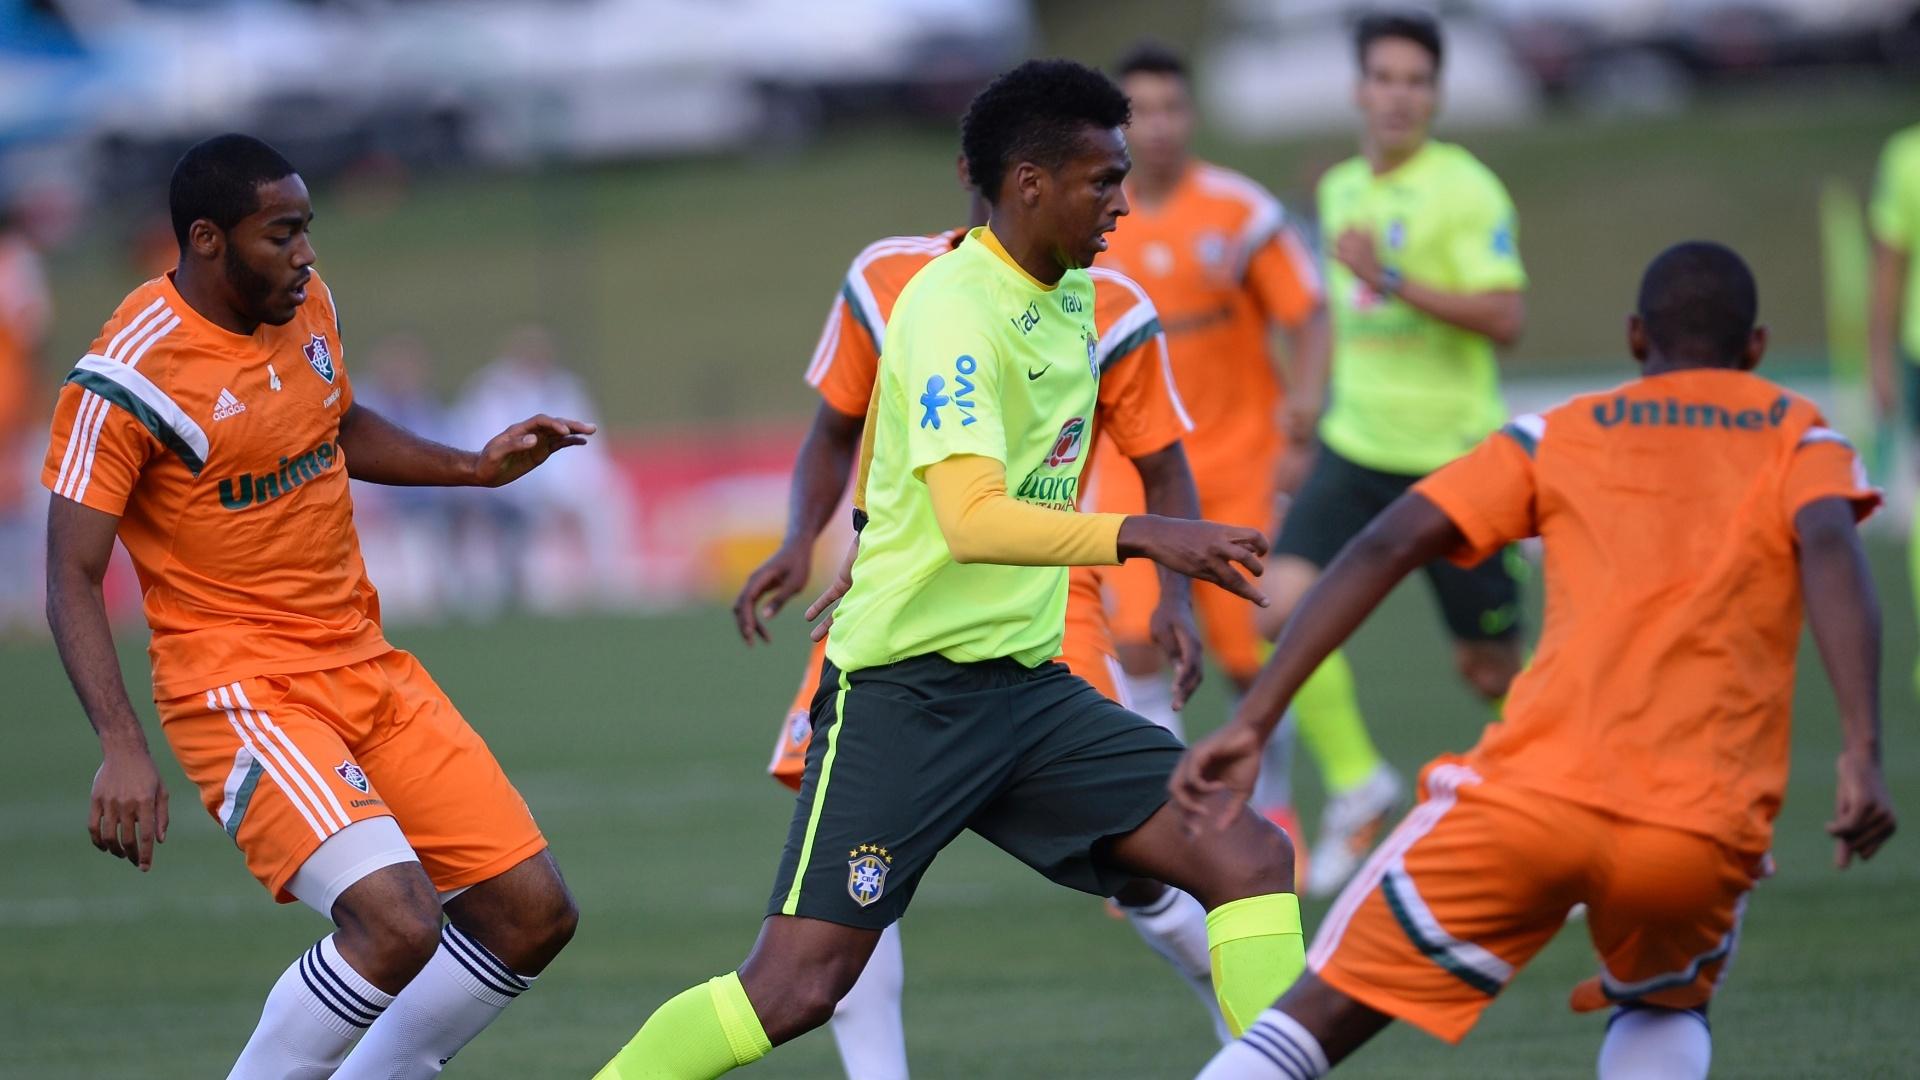 06.jul.2014 - Atacante Jô participa de treino dos reservas da seleção contra o time sub-20 do Fluminense